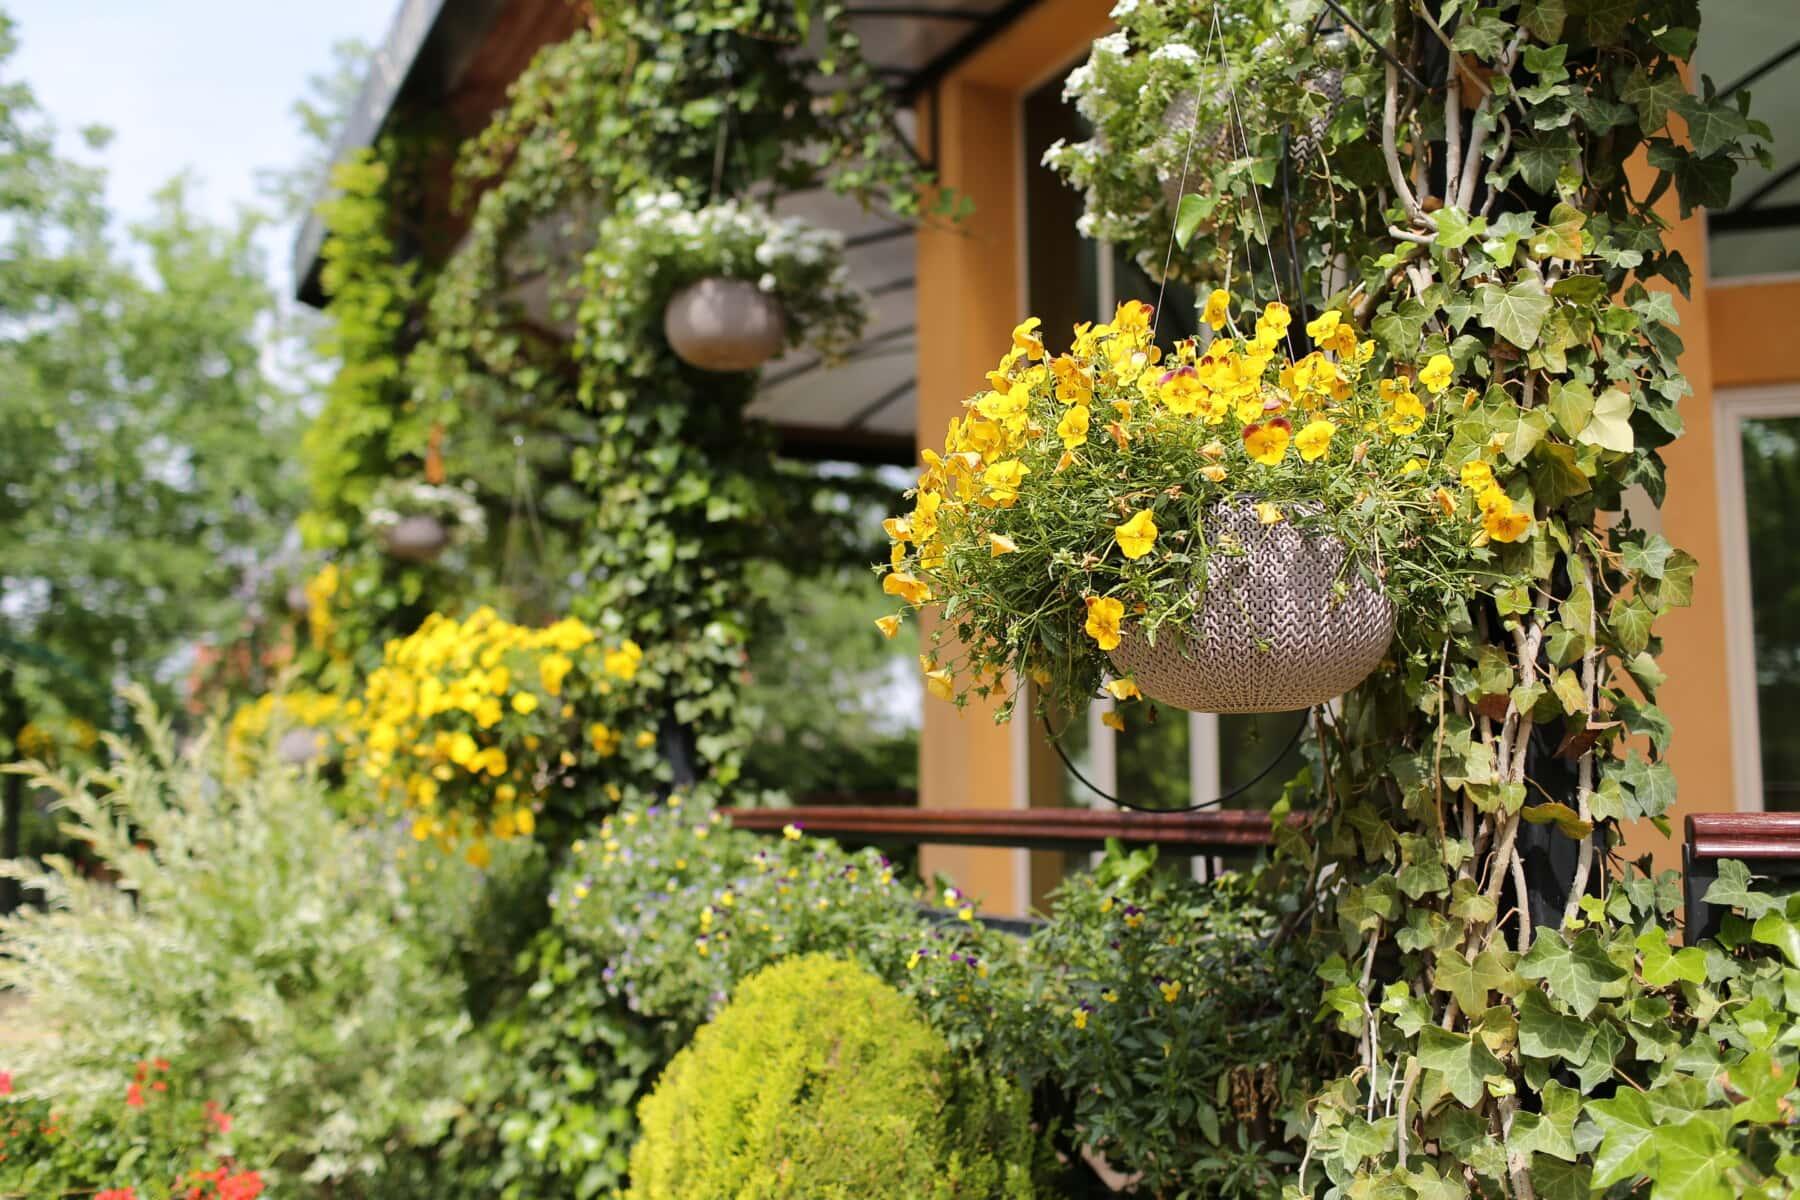 flower garden, terrace, front porch, ivy, flowerpot, flower, tree, garden, plant, leaf